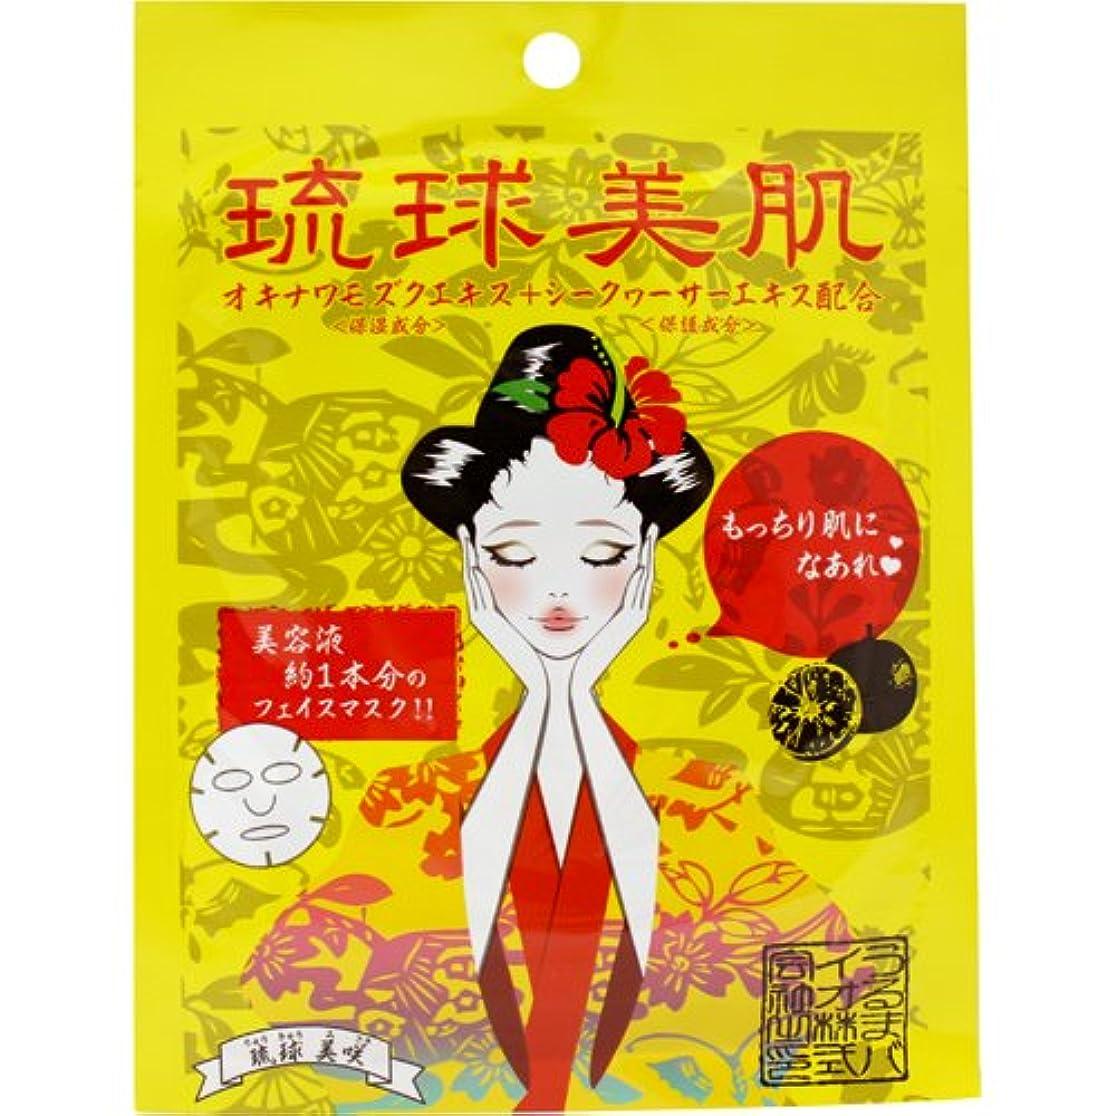 修羅場モスクミリメートル琉球美肌 フェイスマスクシート シークヮーサーの香り 10枚セット